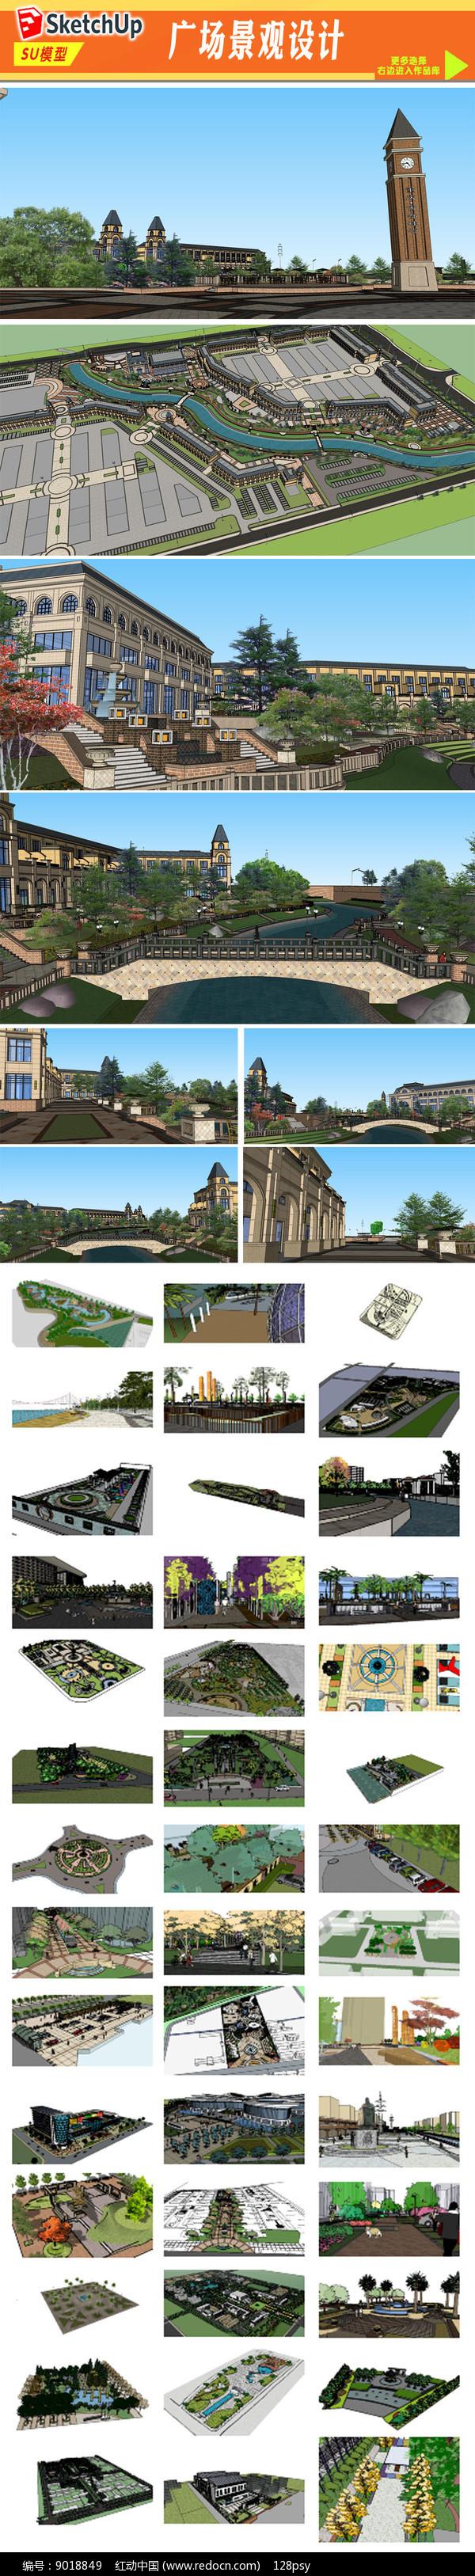 公园广场景观设计图片